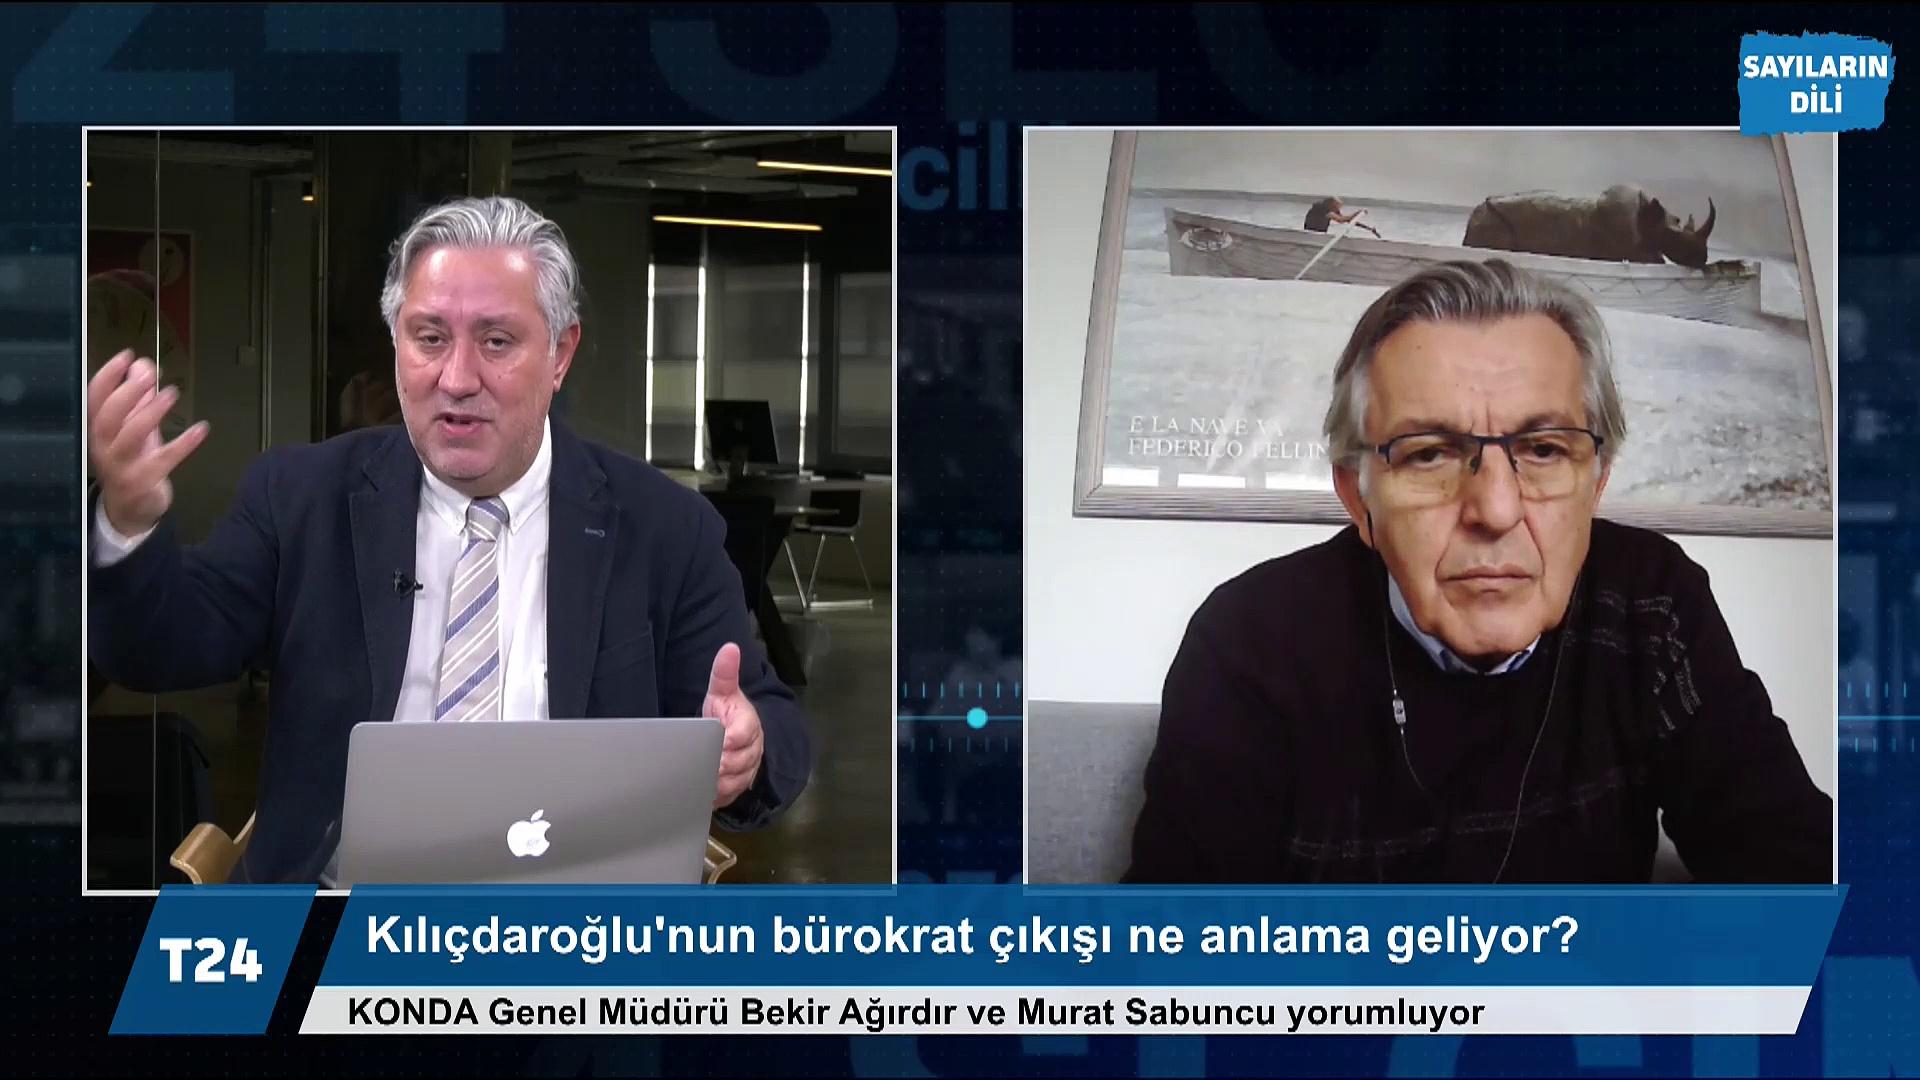 KONDA Genel Müdürü Bekir Ağırdır: Lider-aday tartışması üzerinden yapılan siyaset hâlâ Erdoğan'a kazandırabilir; toplum artık yeni bir iddia duymak istiyor